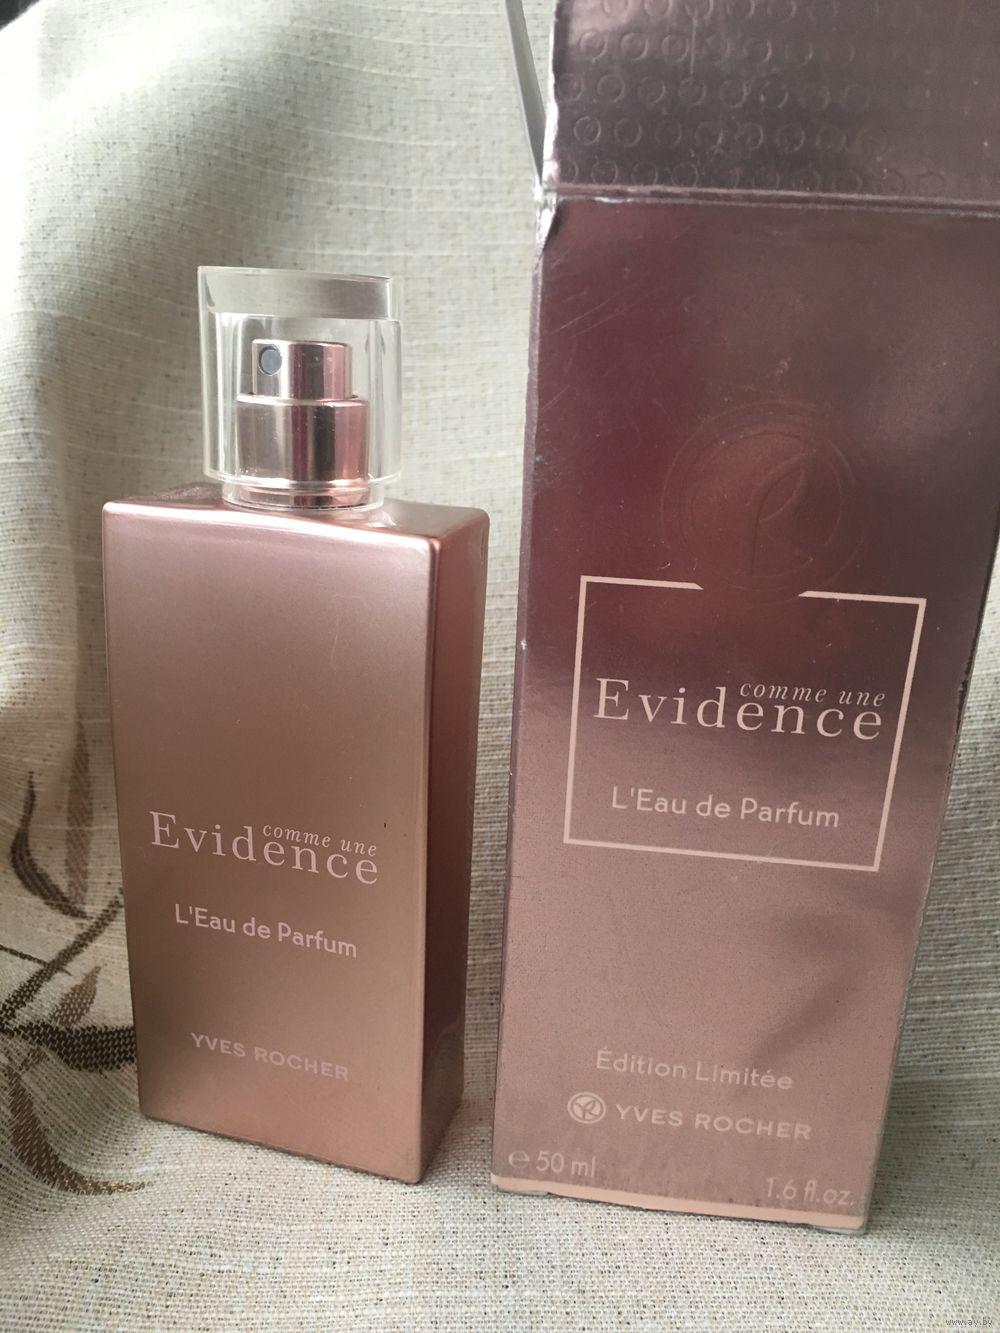 Yves Rocher Comme Une Evidence Leau De Parfum 50 Ml изначально